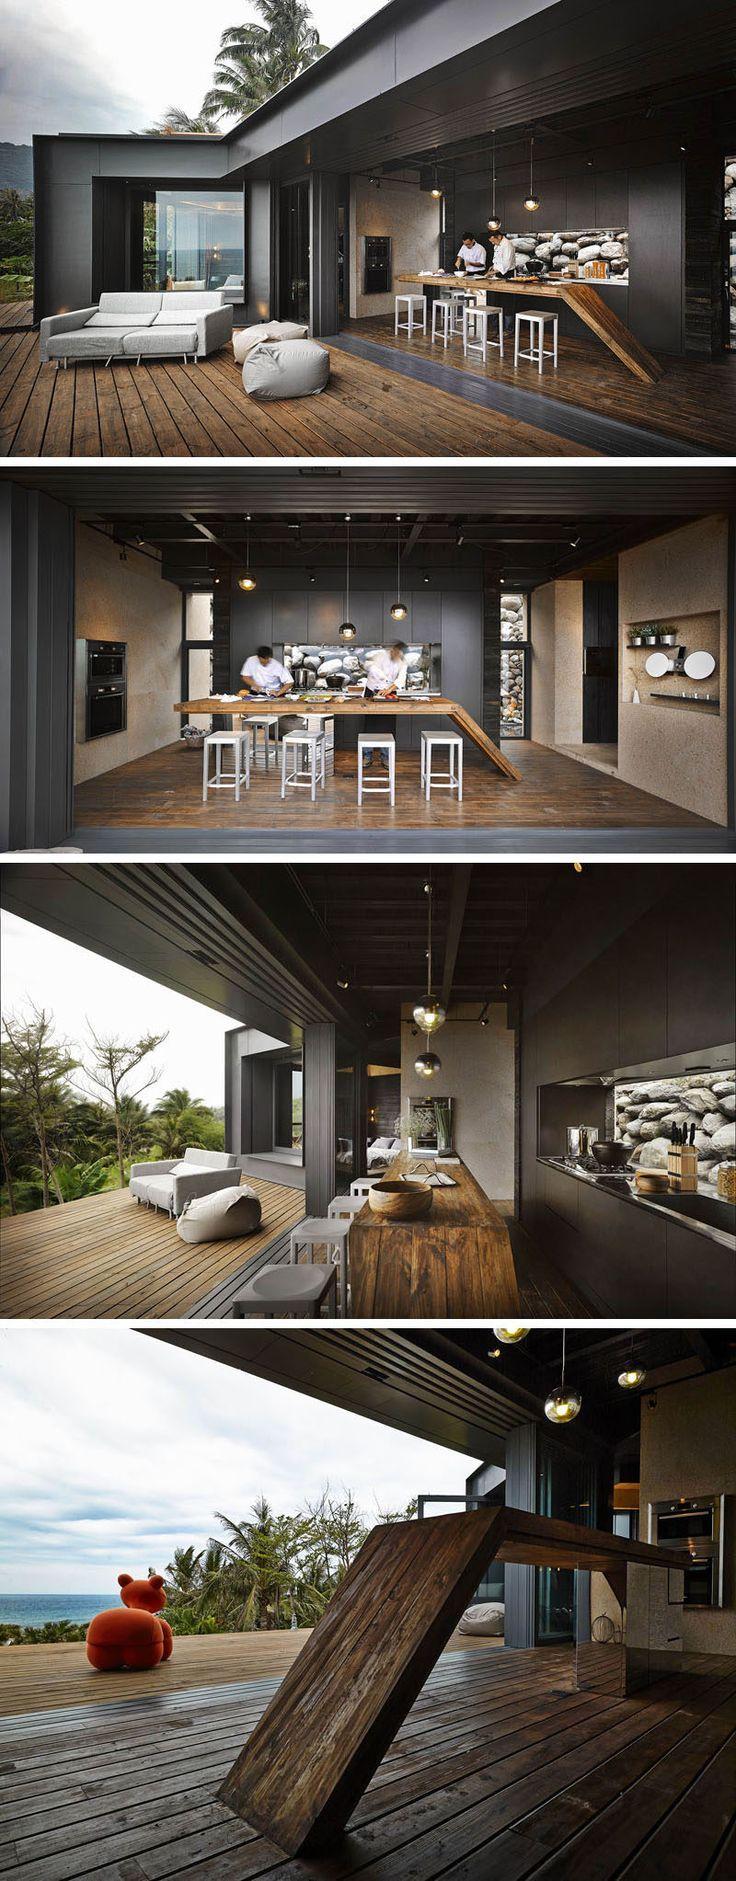 Diese schwarze Küche mit Holzarbeitsplatte öffnet sich zum Deck und bietet … #WoodWorking